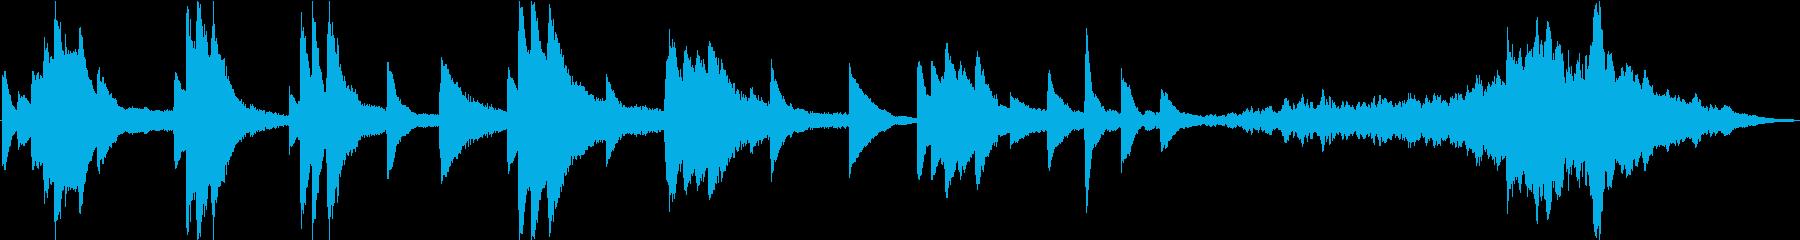 30秒+15秒エクササイズ用アンビエントの再生済みの波形